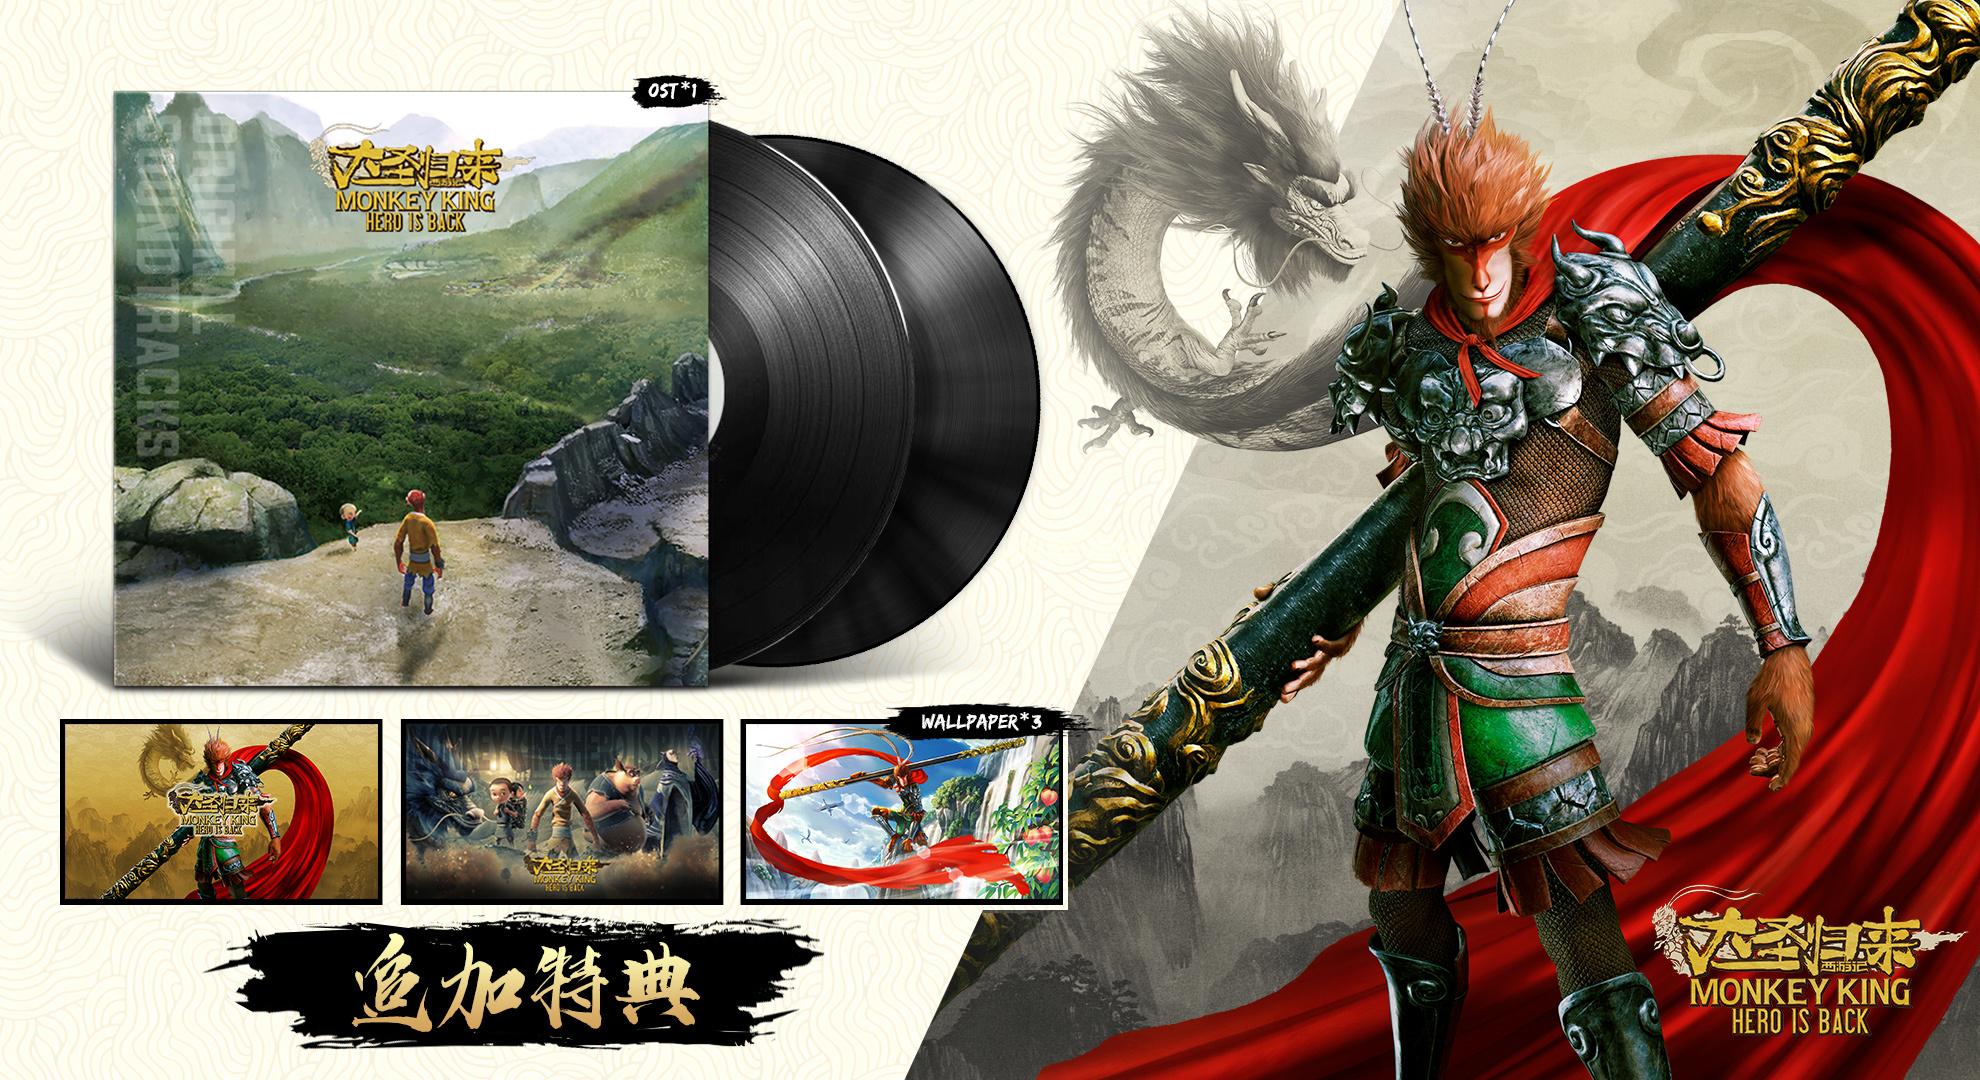 国产游戏《大圣归来》Steam开售普通版199元